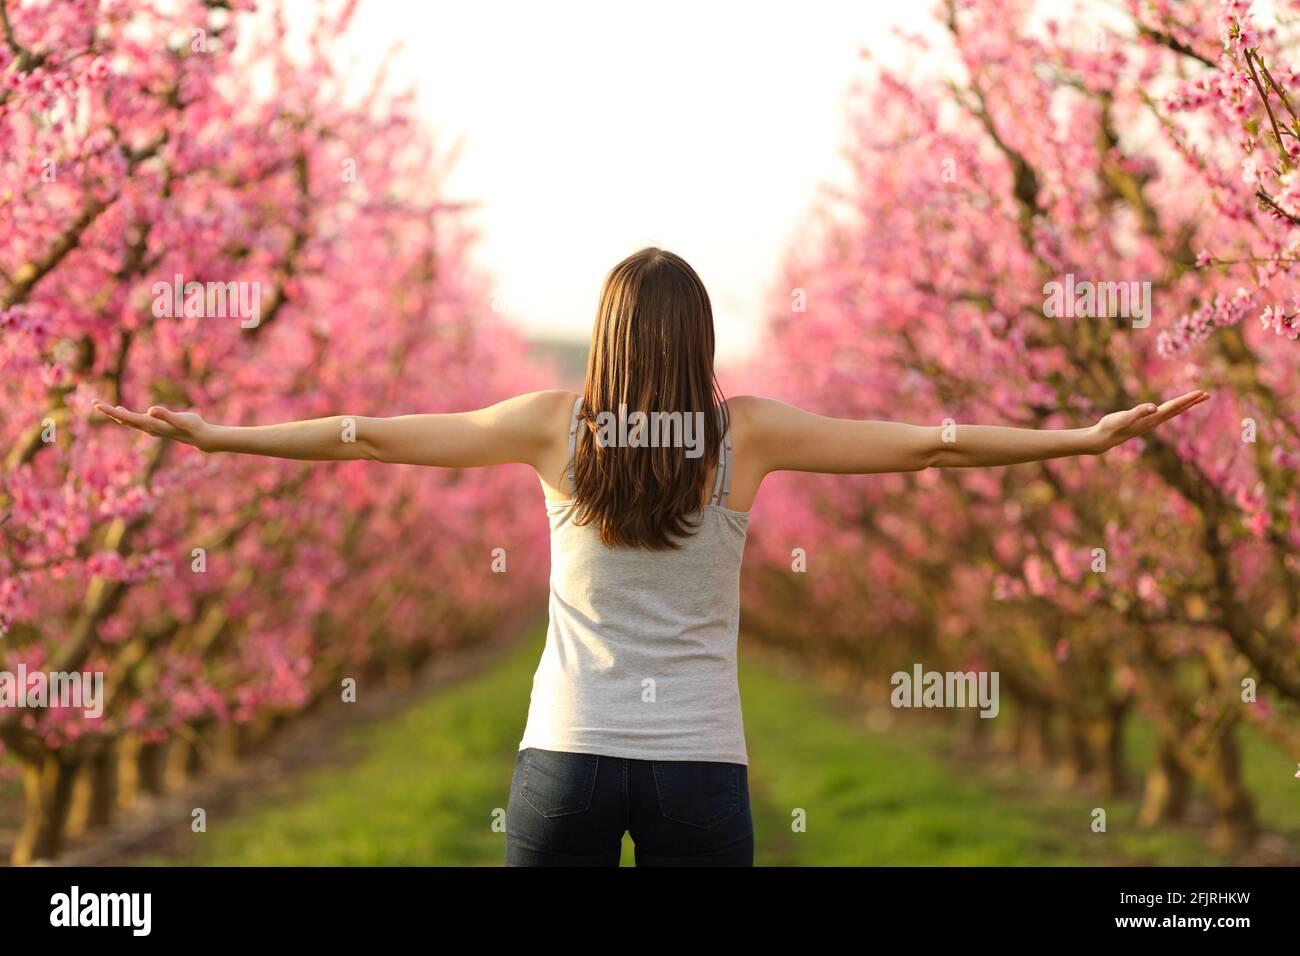 Indietro ritratto di una giovane donna che stende le braccia festeggiando primavera in un campo rosa Foto Stock